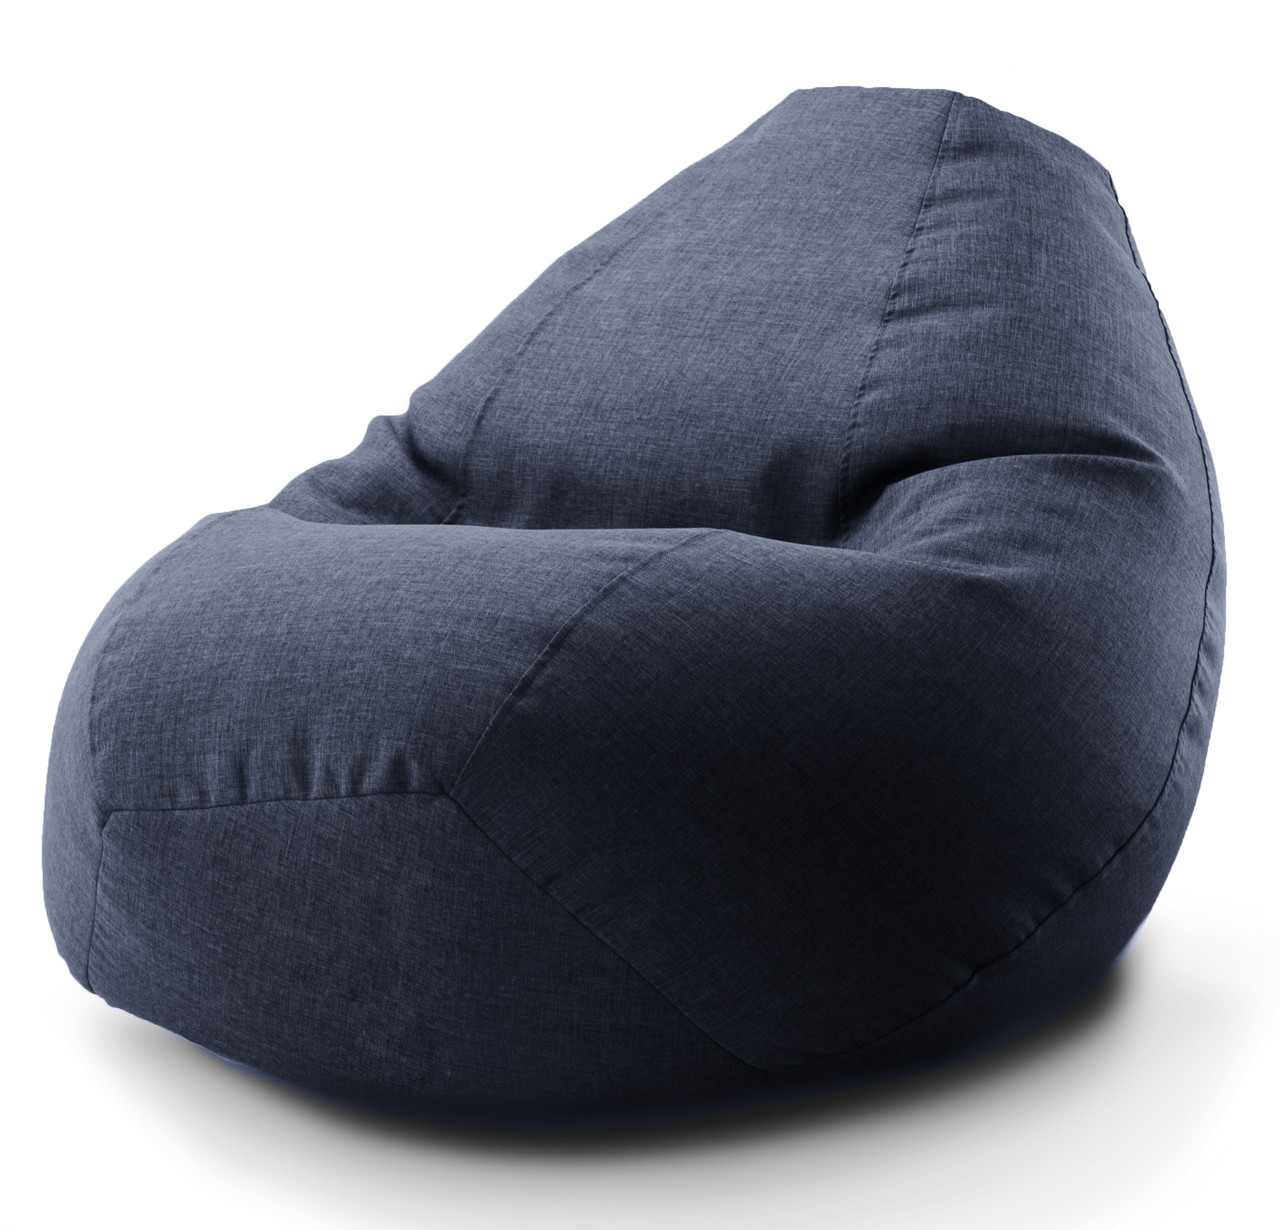 Огромное овальное кресло-мешок, груша Микро-рогожка 100*140 см.